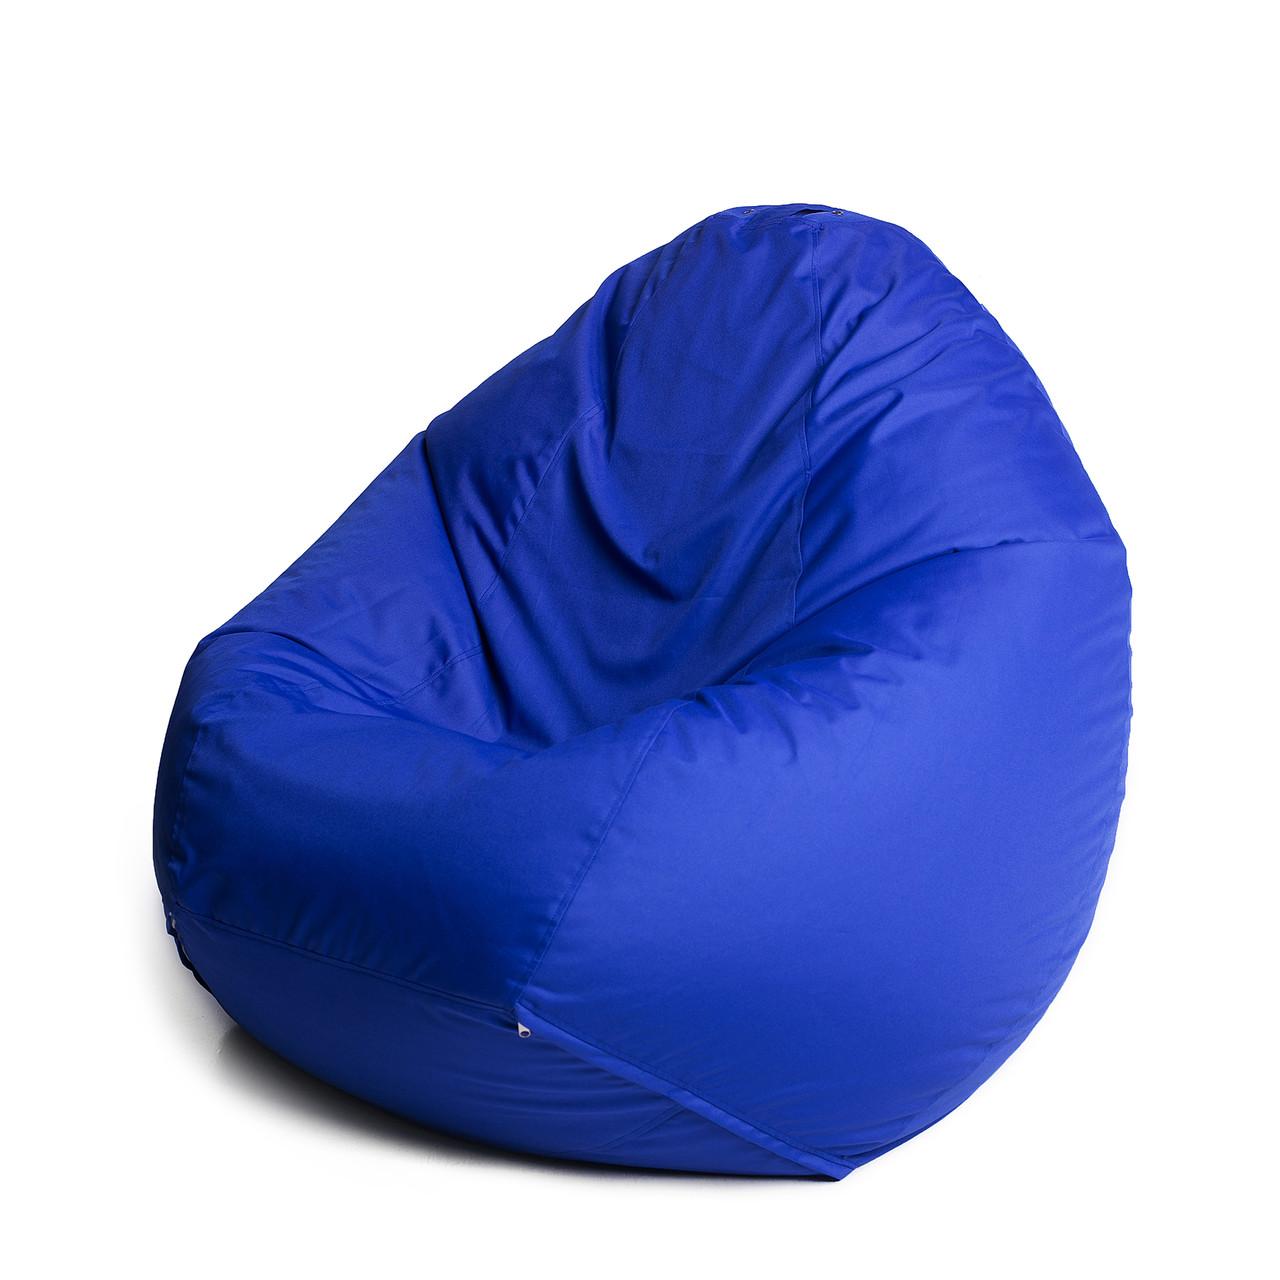 Кресло мешок груша с внутренним чехлом   Ткань Oxford XXL (Высота 130 см, ширина 90 см), Синий